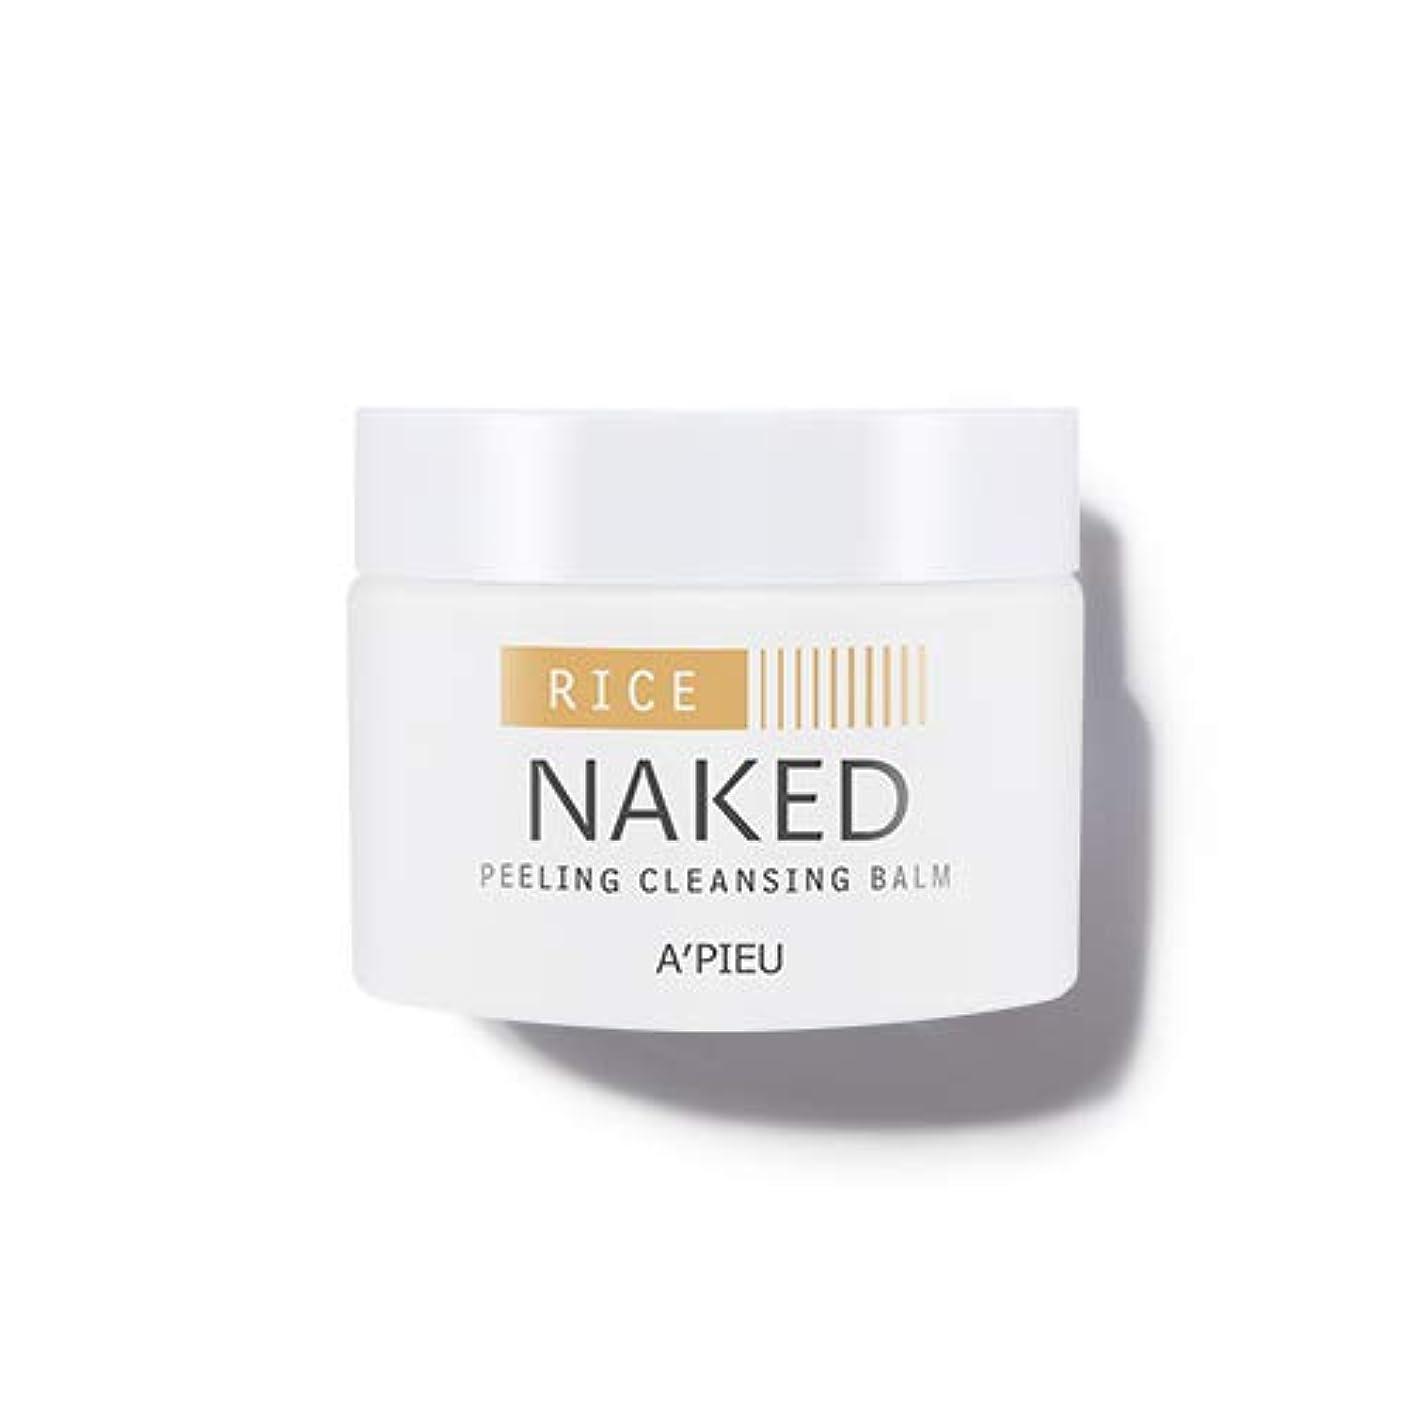 ファイアルランデブーフックアピュ ネイキッド ピーリング クレンジング バーム 45g / APIEU Naked Peeling Cleansing Balm [並行輸入品]